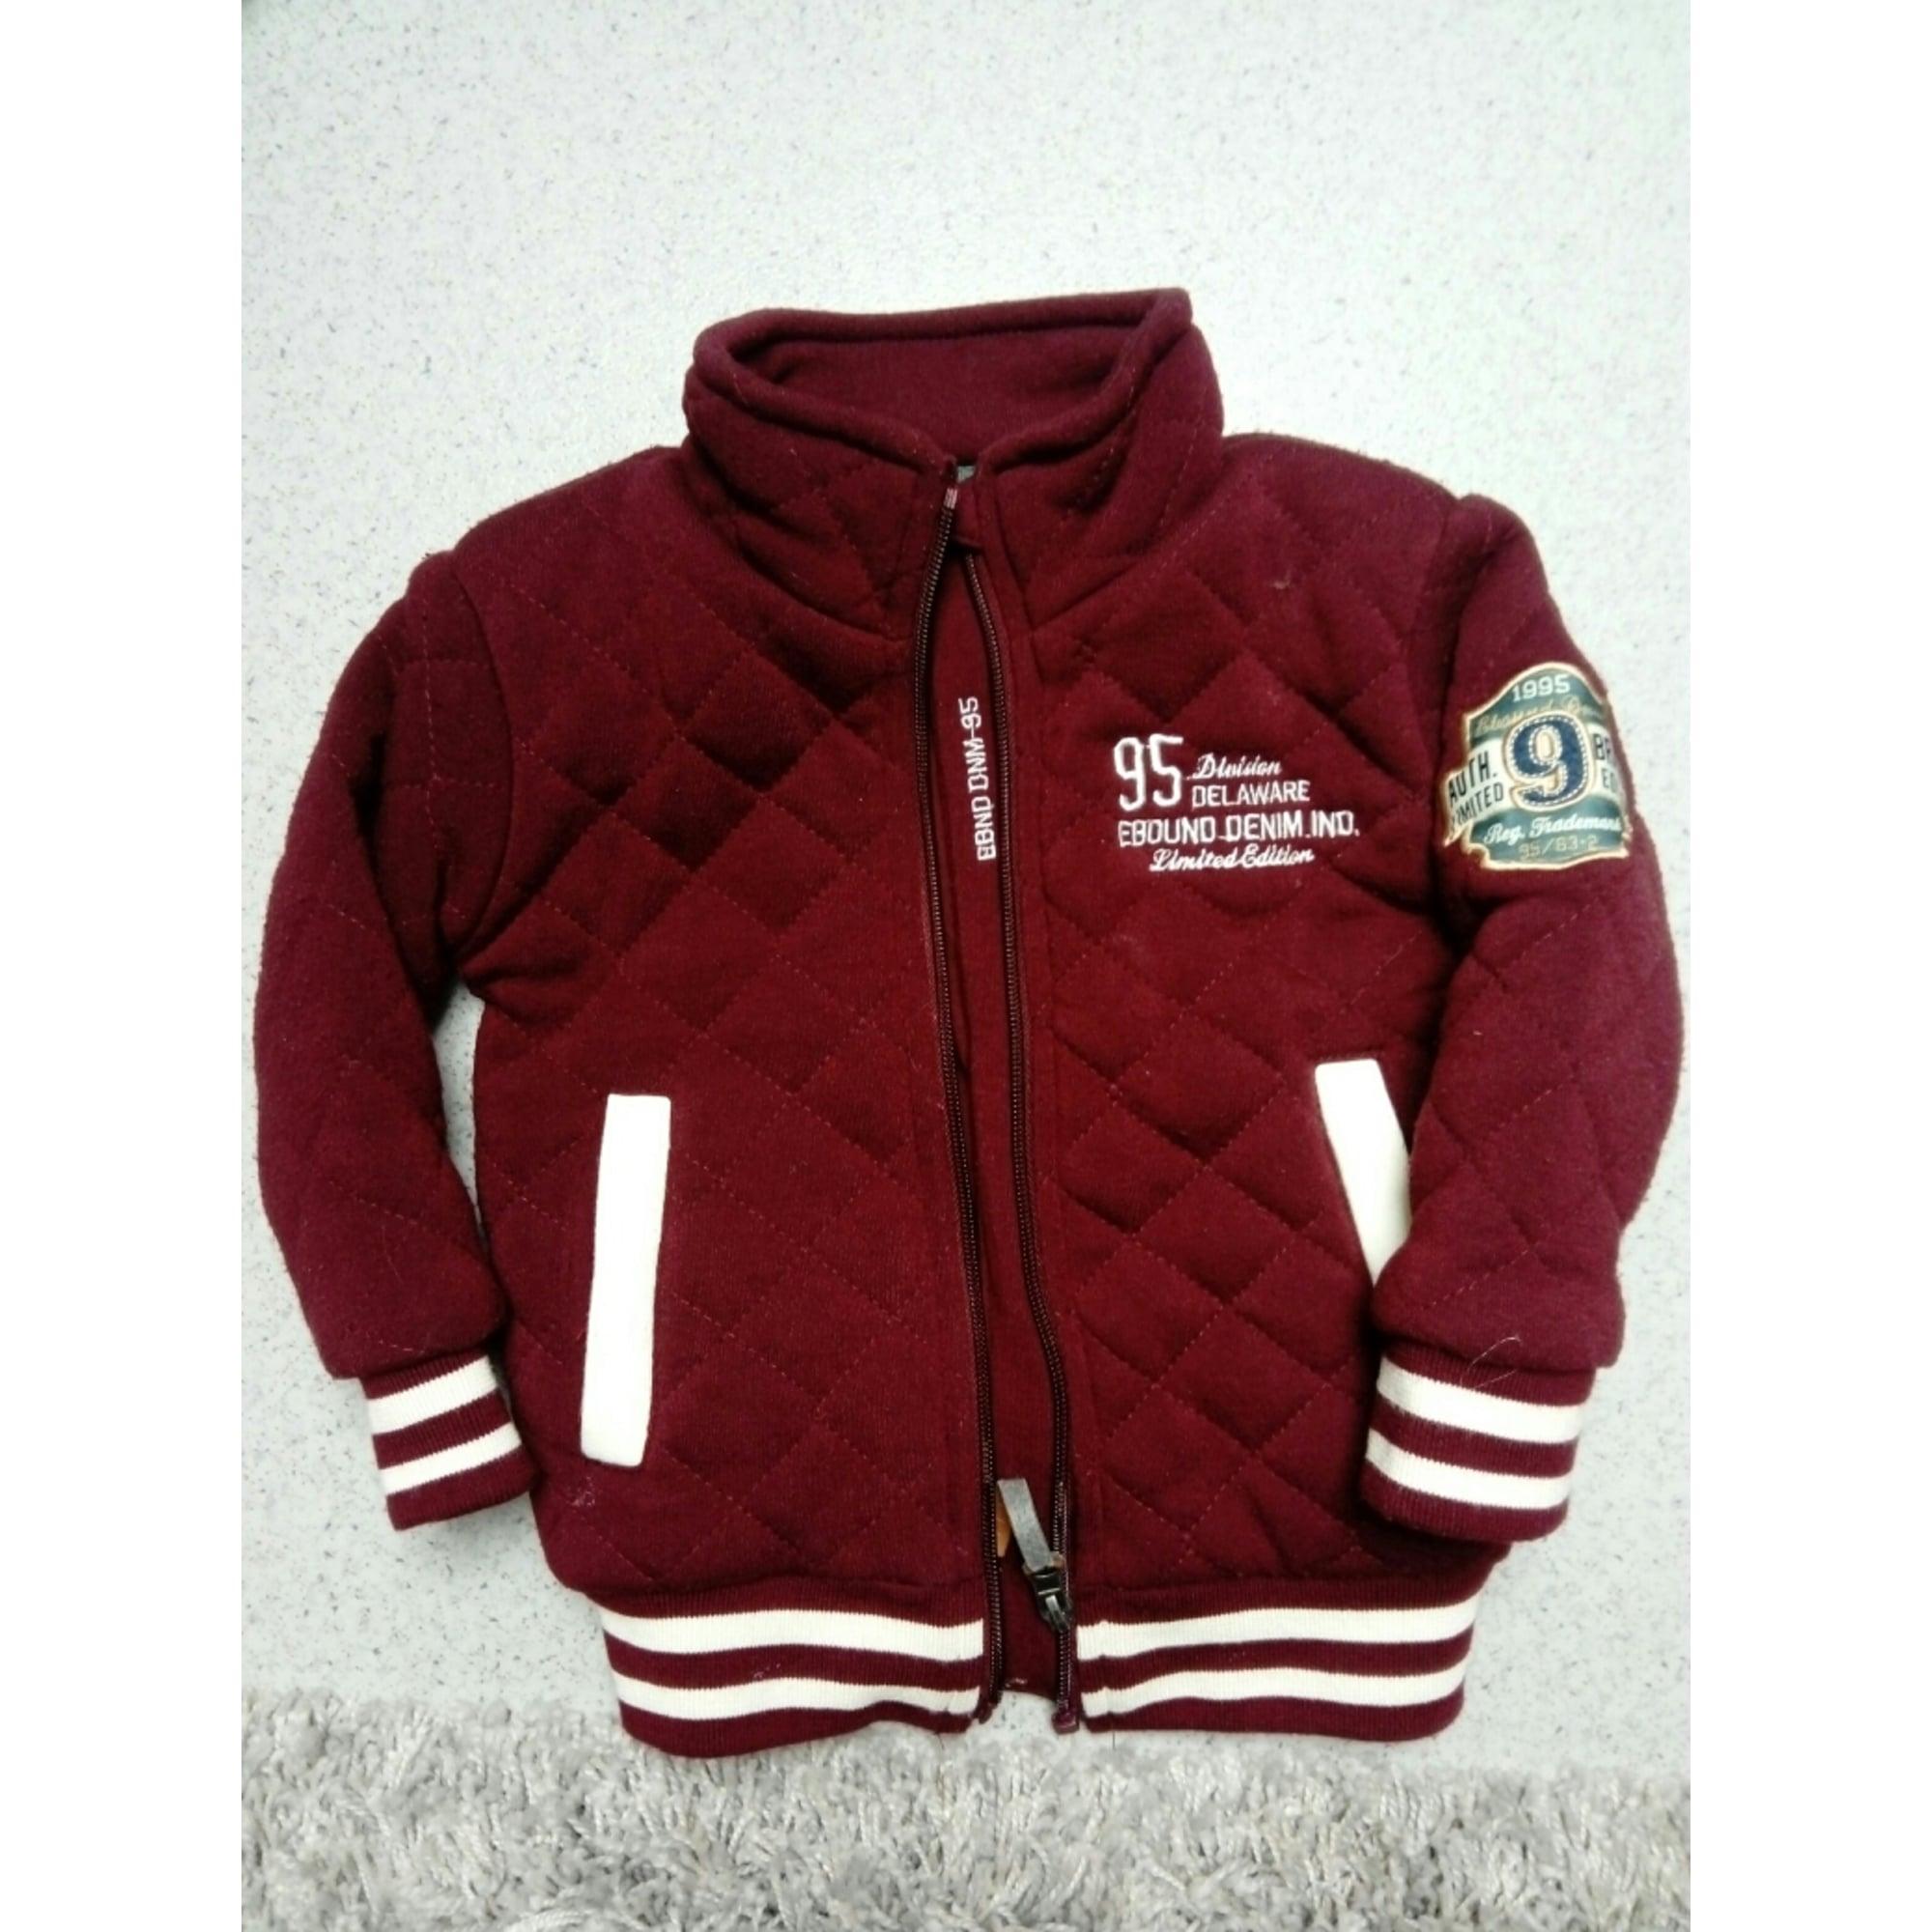 Blouson MARQUE INCONNUE 3-4 ans rouge vendu par Peg1977 - 6221786 f1e0bd76d756